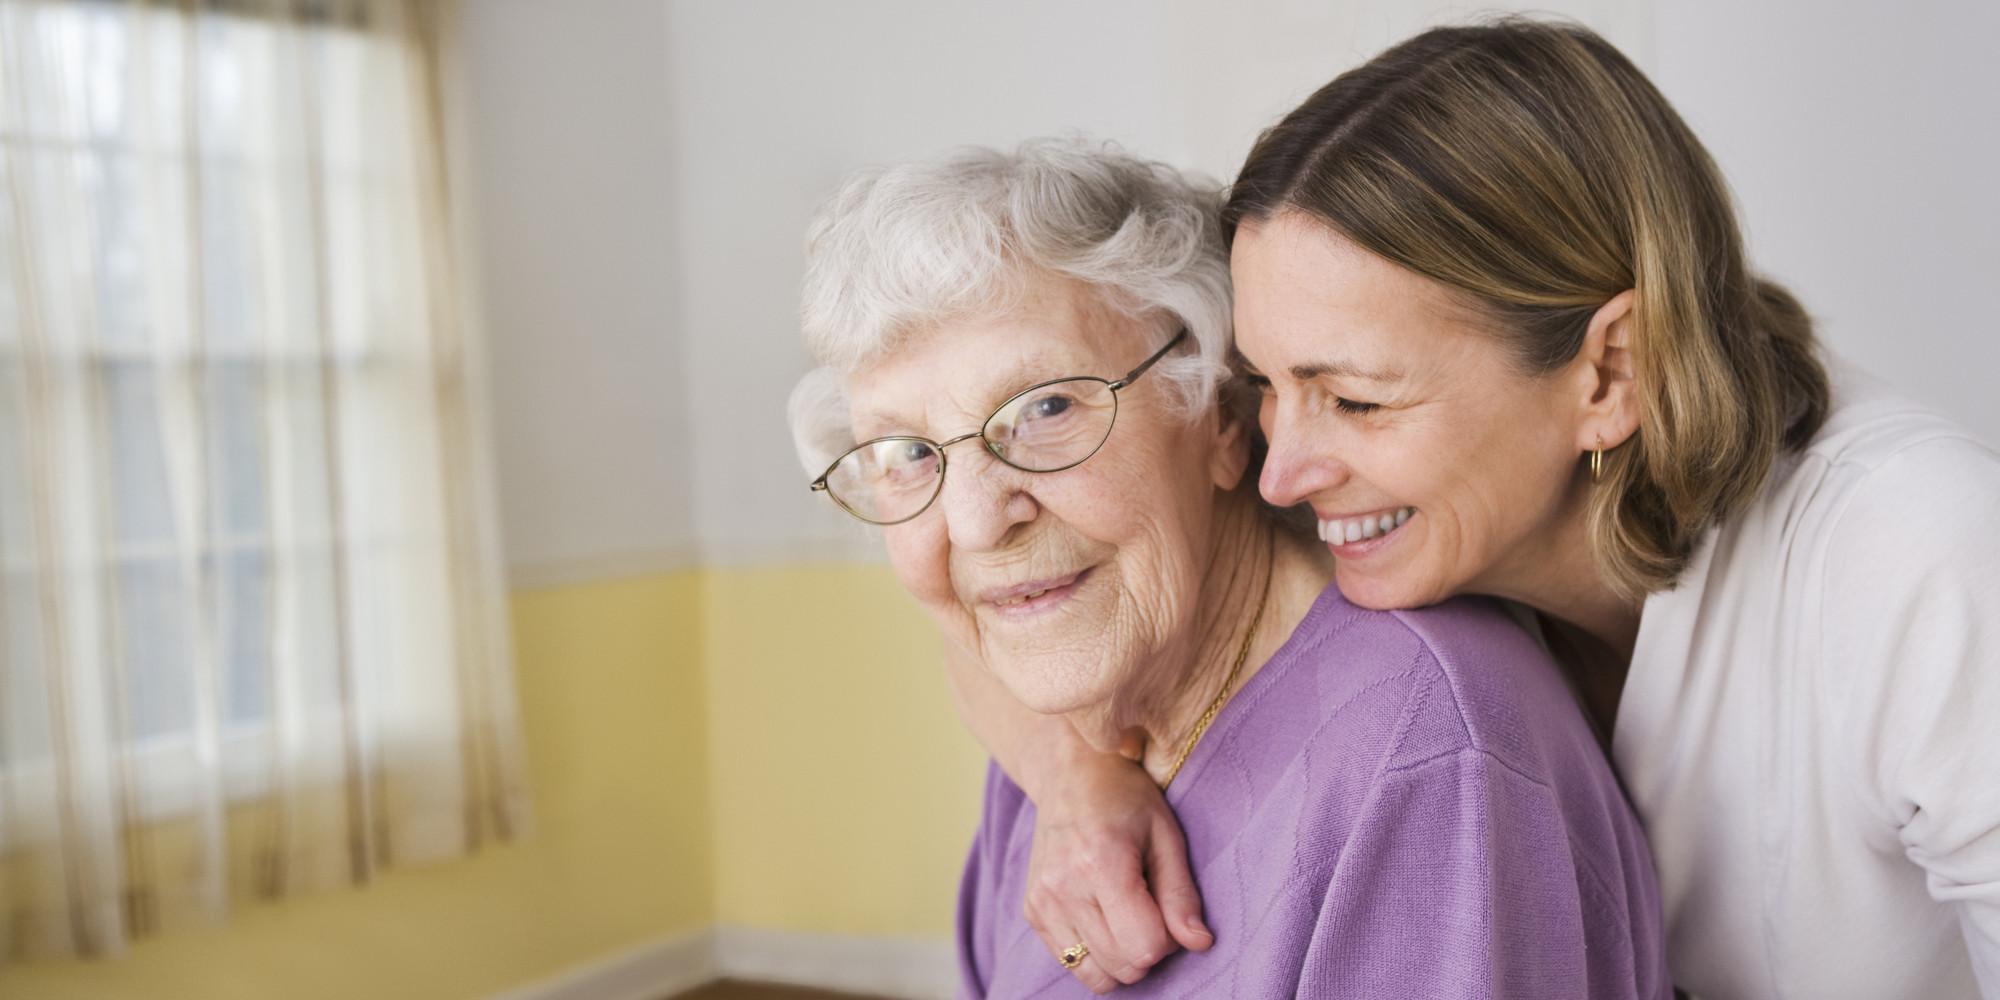 مراقب سالمند